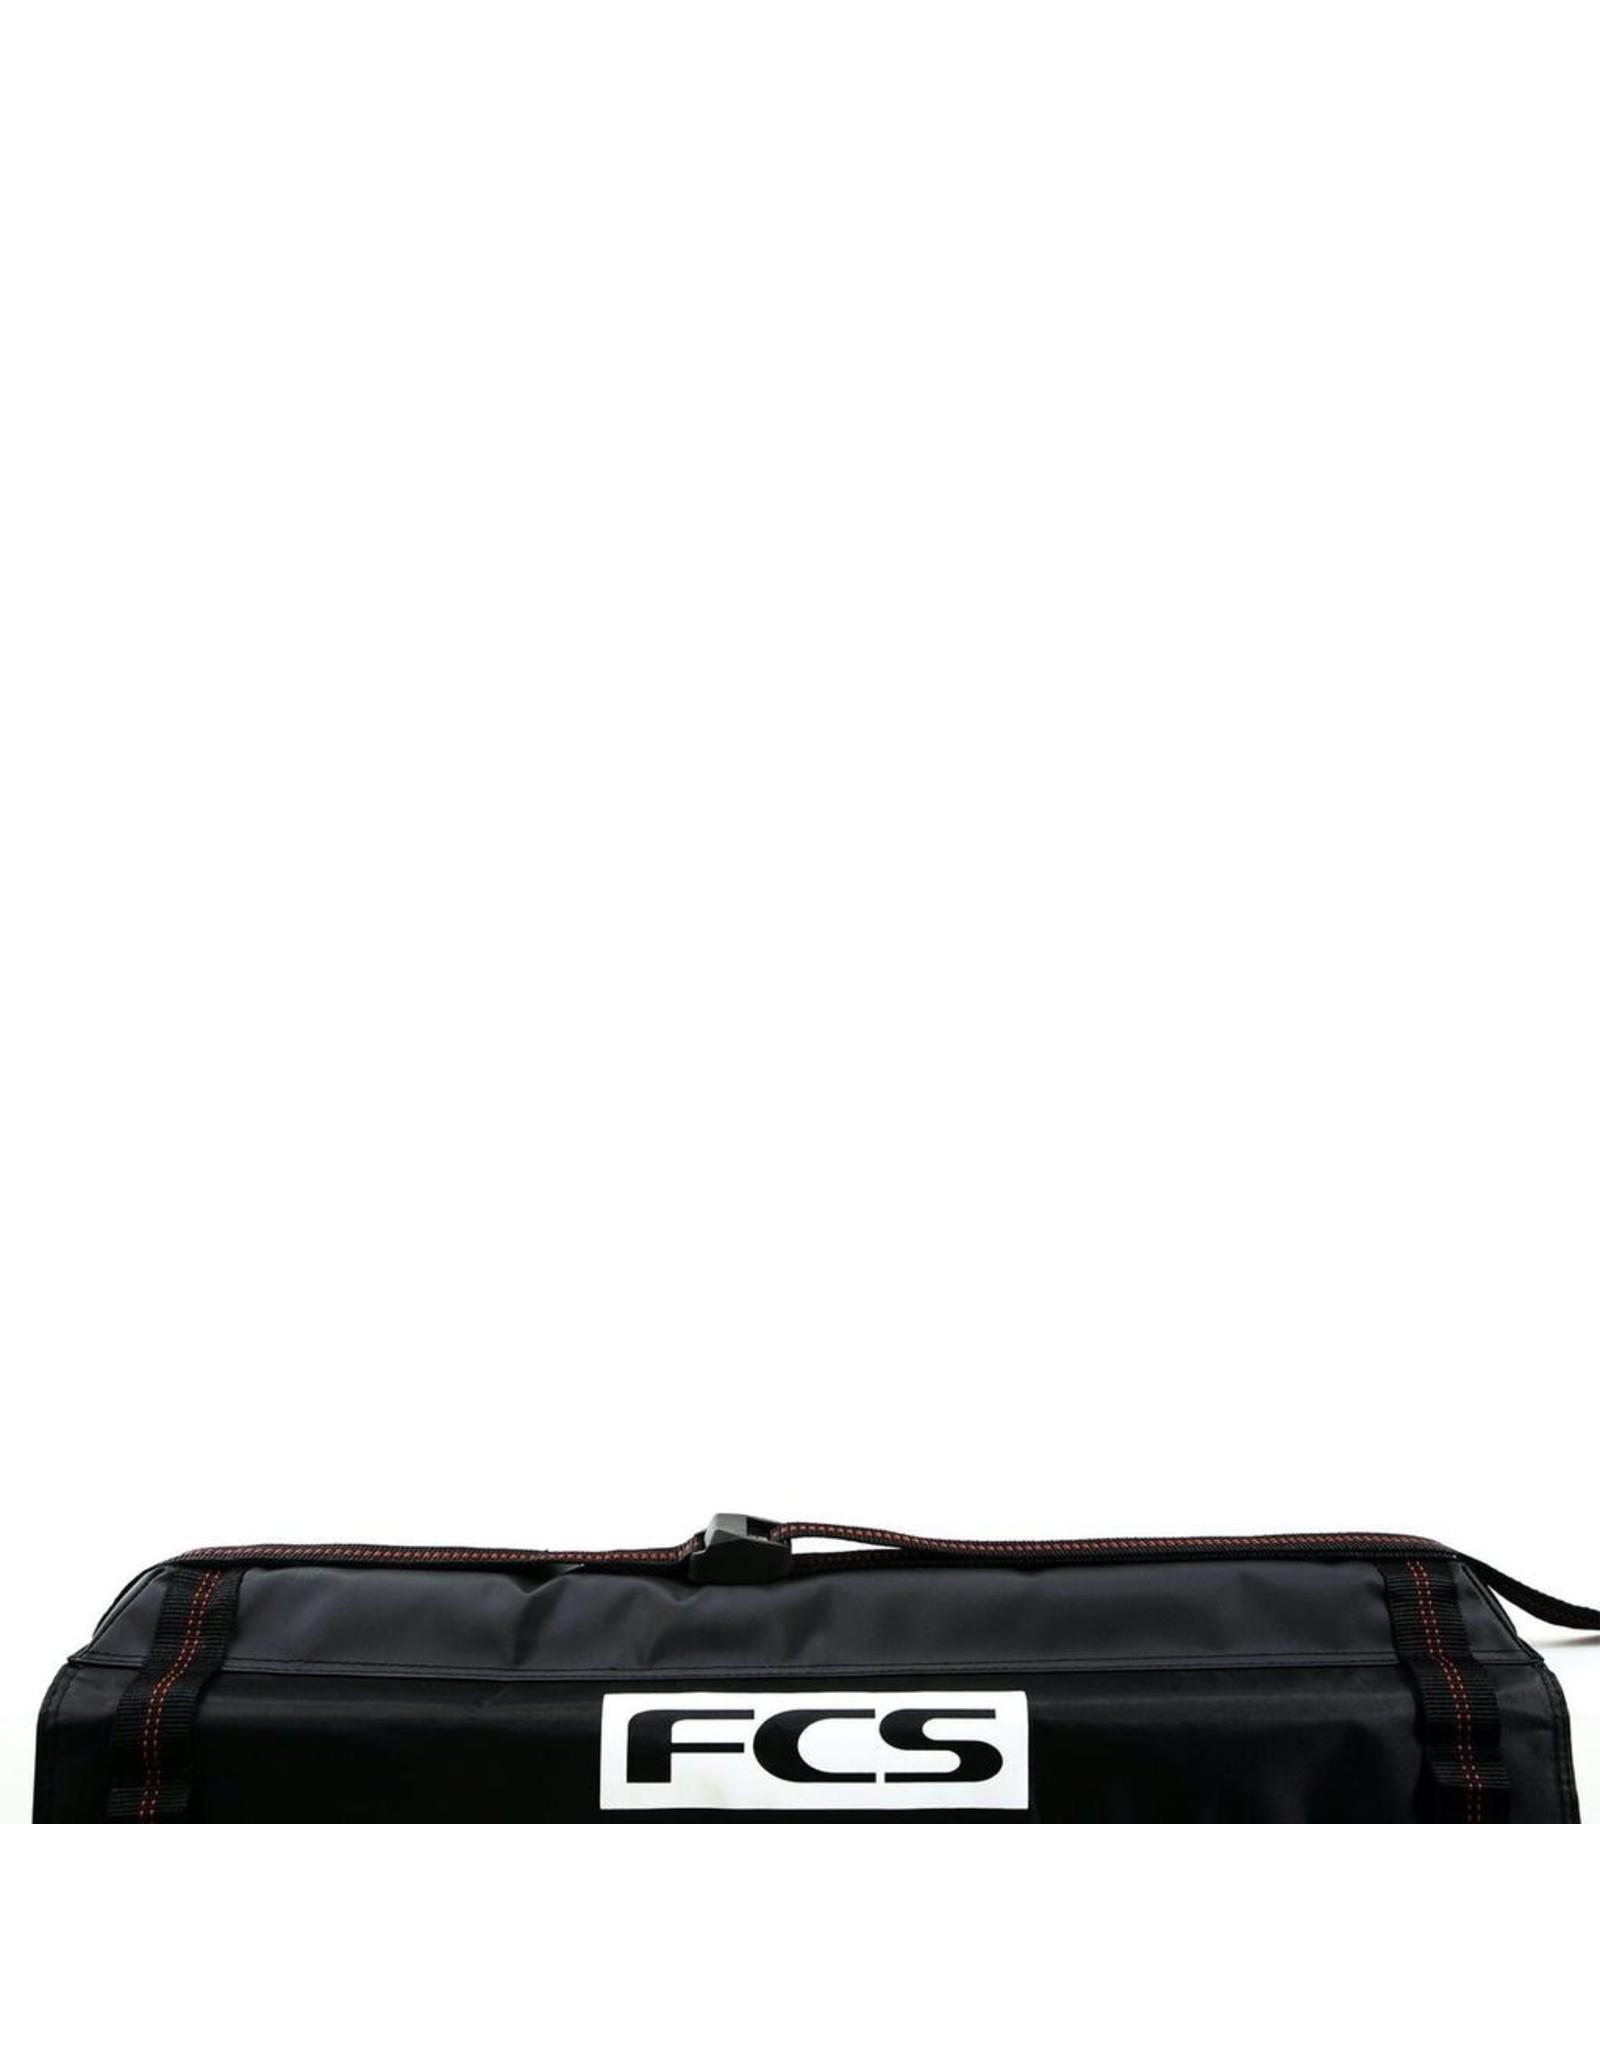 FCS FCS - Cam Lock - Tail Gate Pad